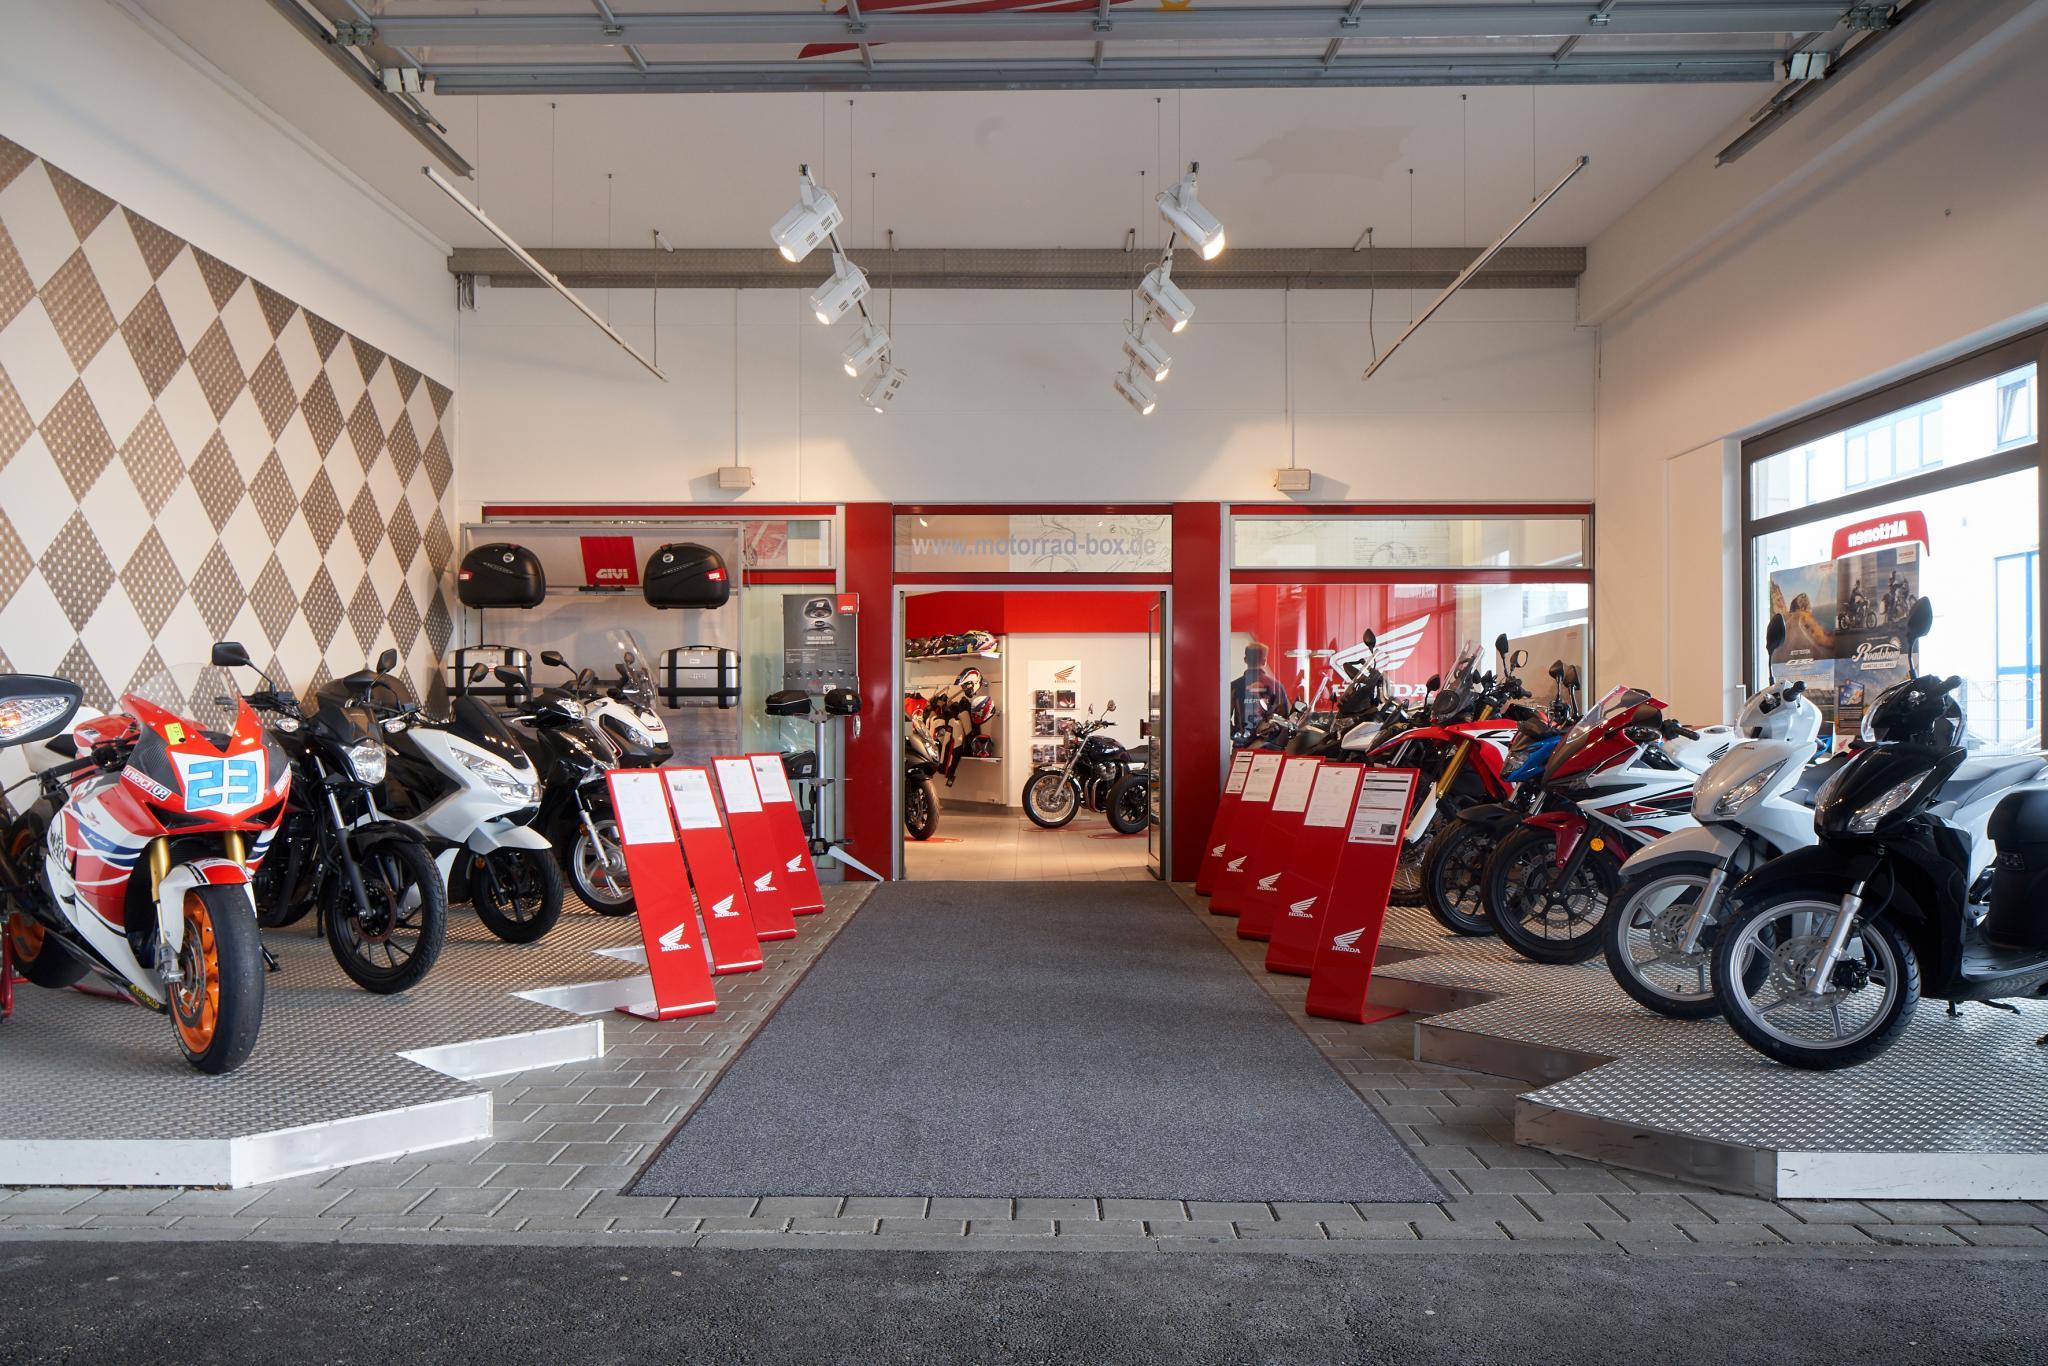 Unternehmensbilder Motorrad-Box GmbH 3